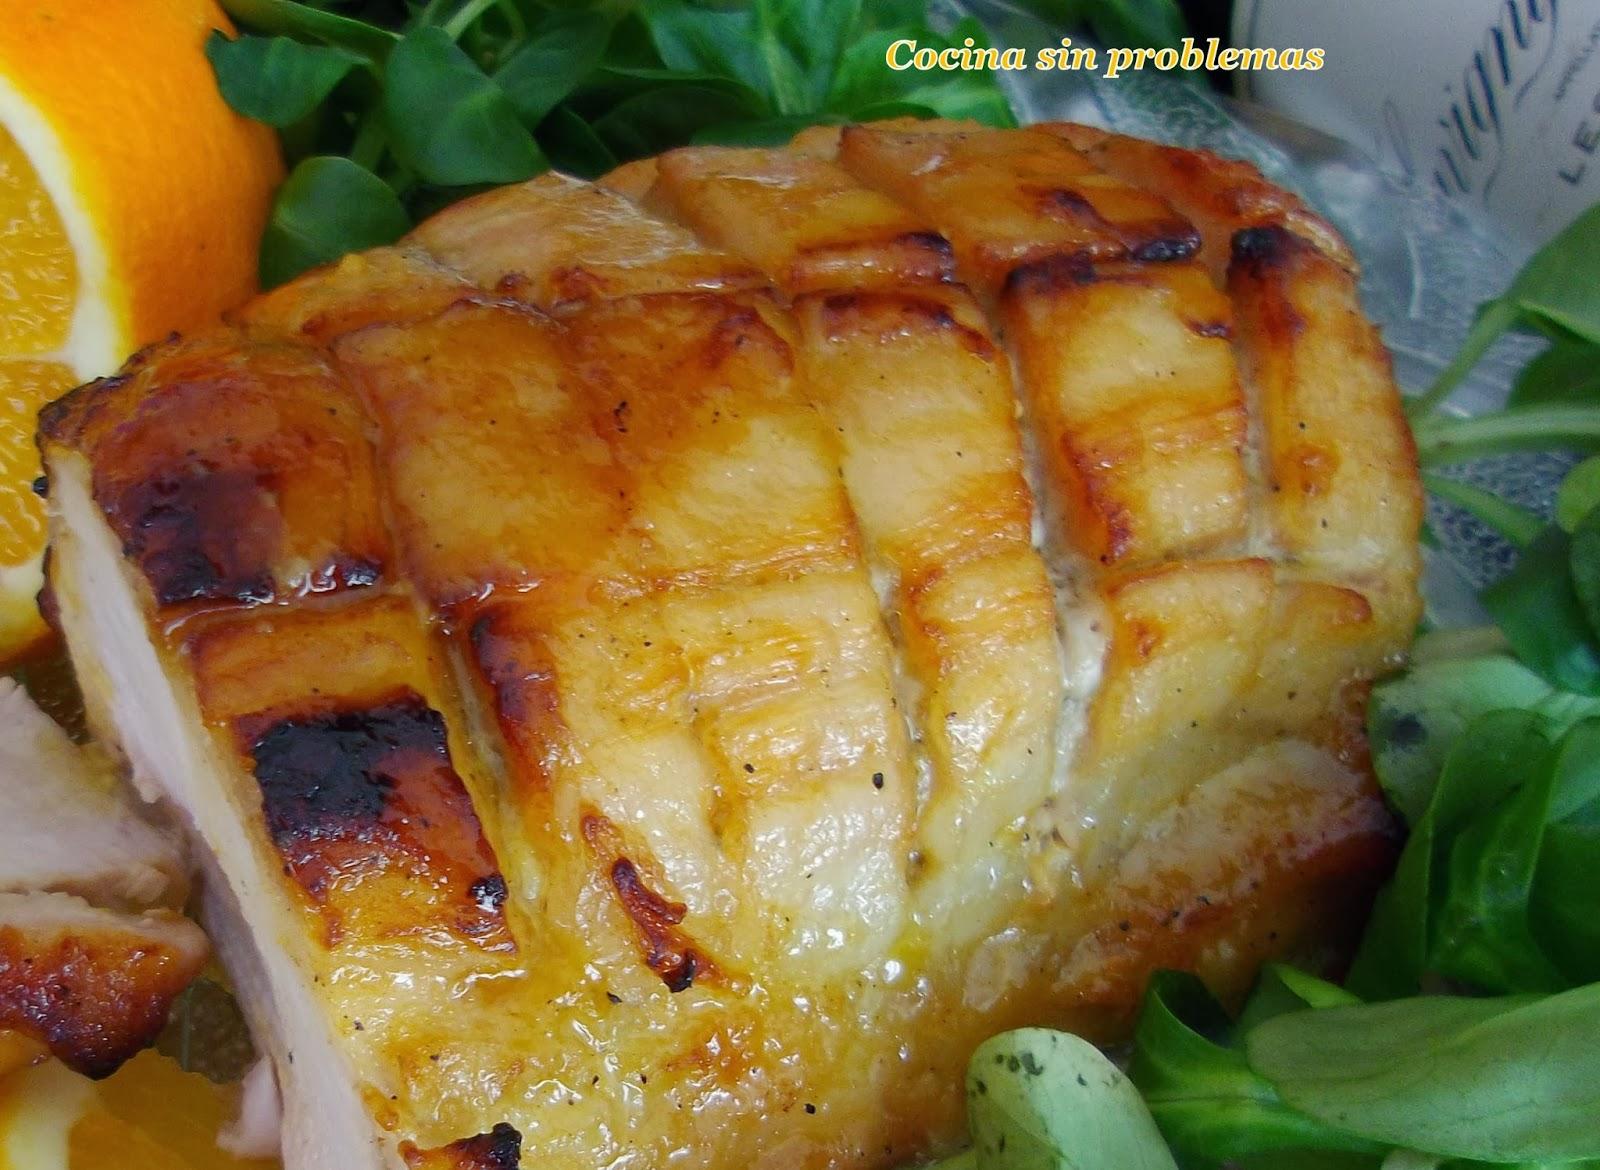 Cocina sin problemas cerdo al horno glaseado - Cocina al horno ...